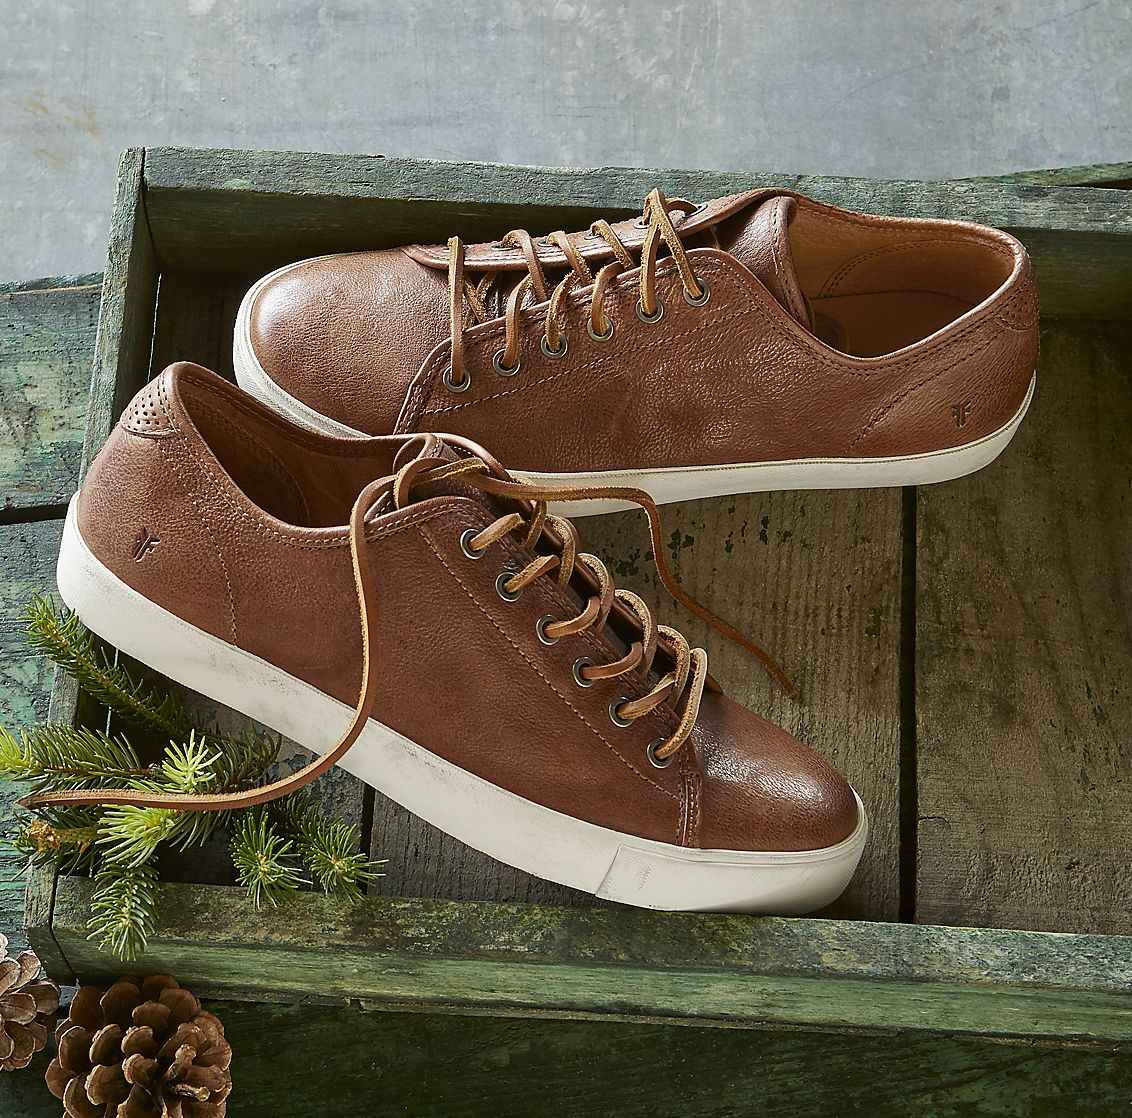 Brett Low Sneakers - classic, low